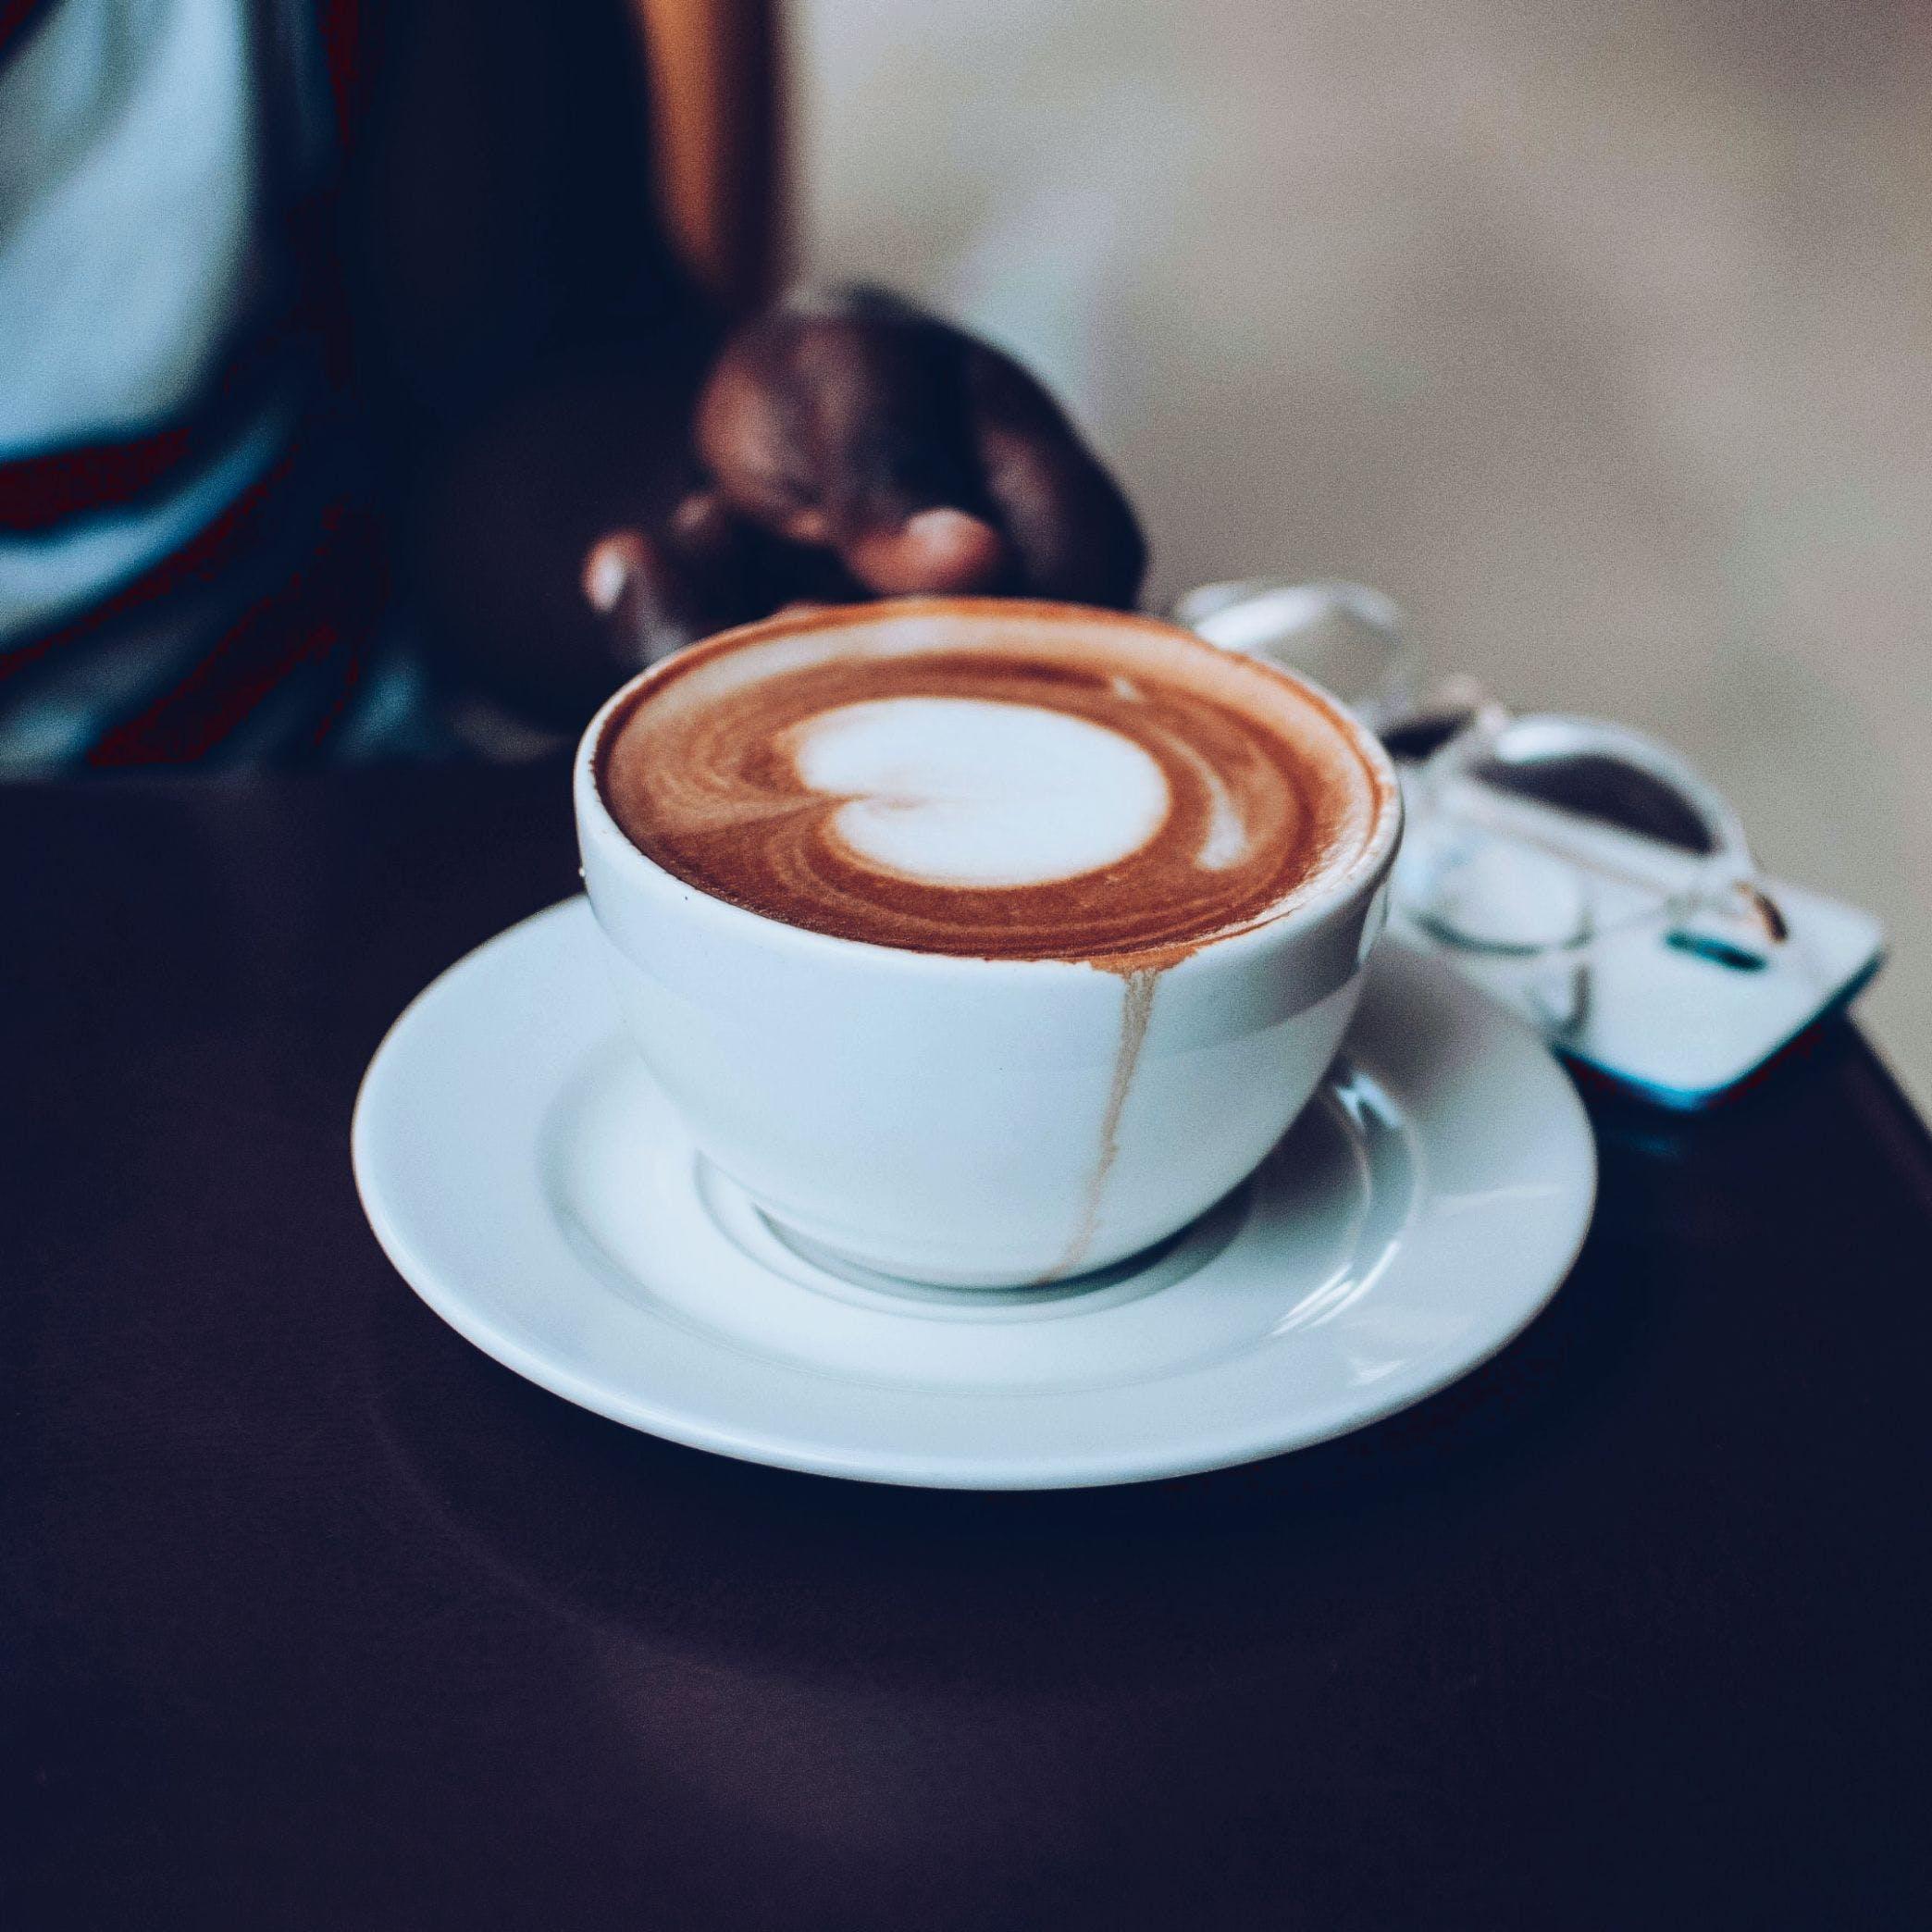 Δωρεάν στοκ φωτογραφιών με latte art, αναψυκτικό, βάθος πεδίου, γάλα